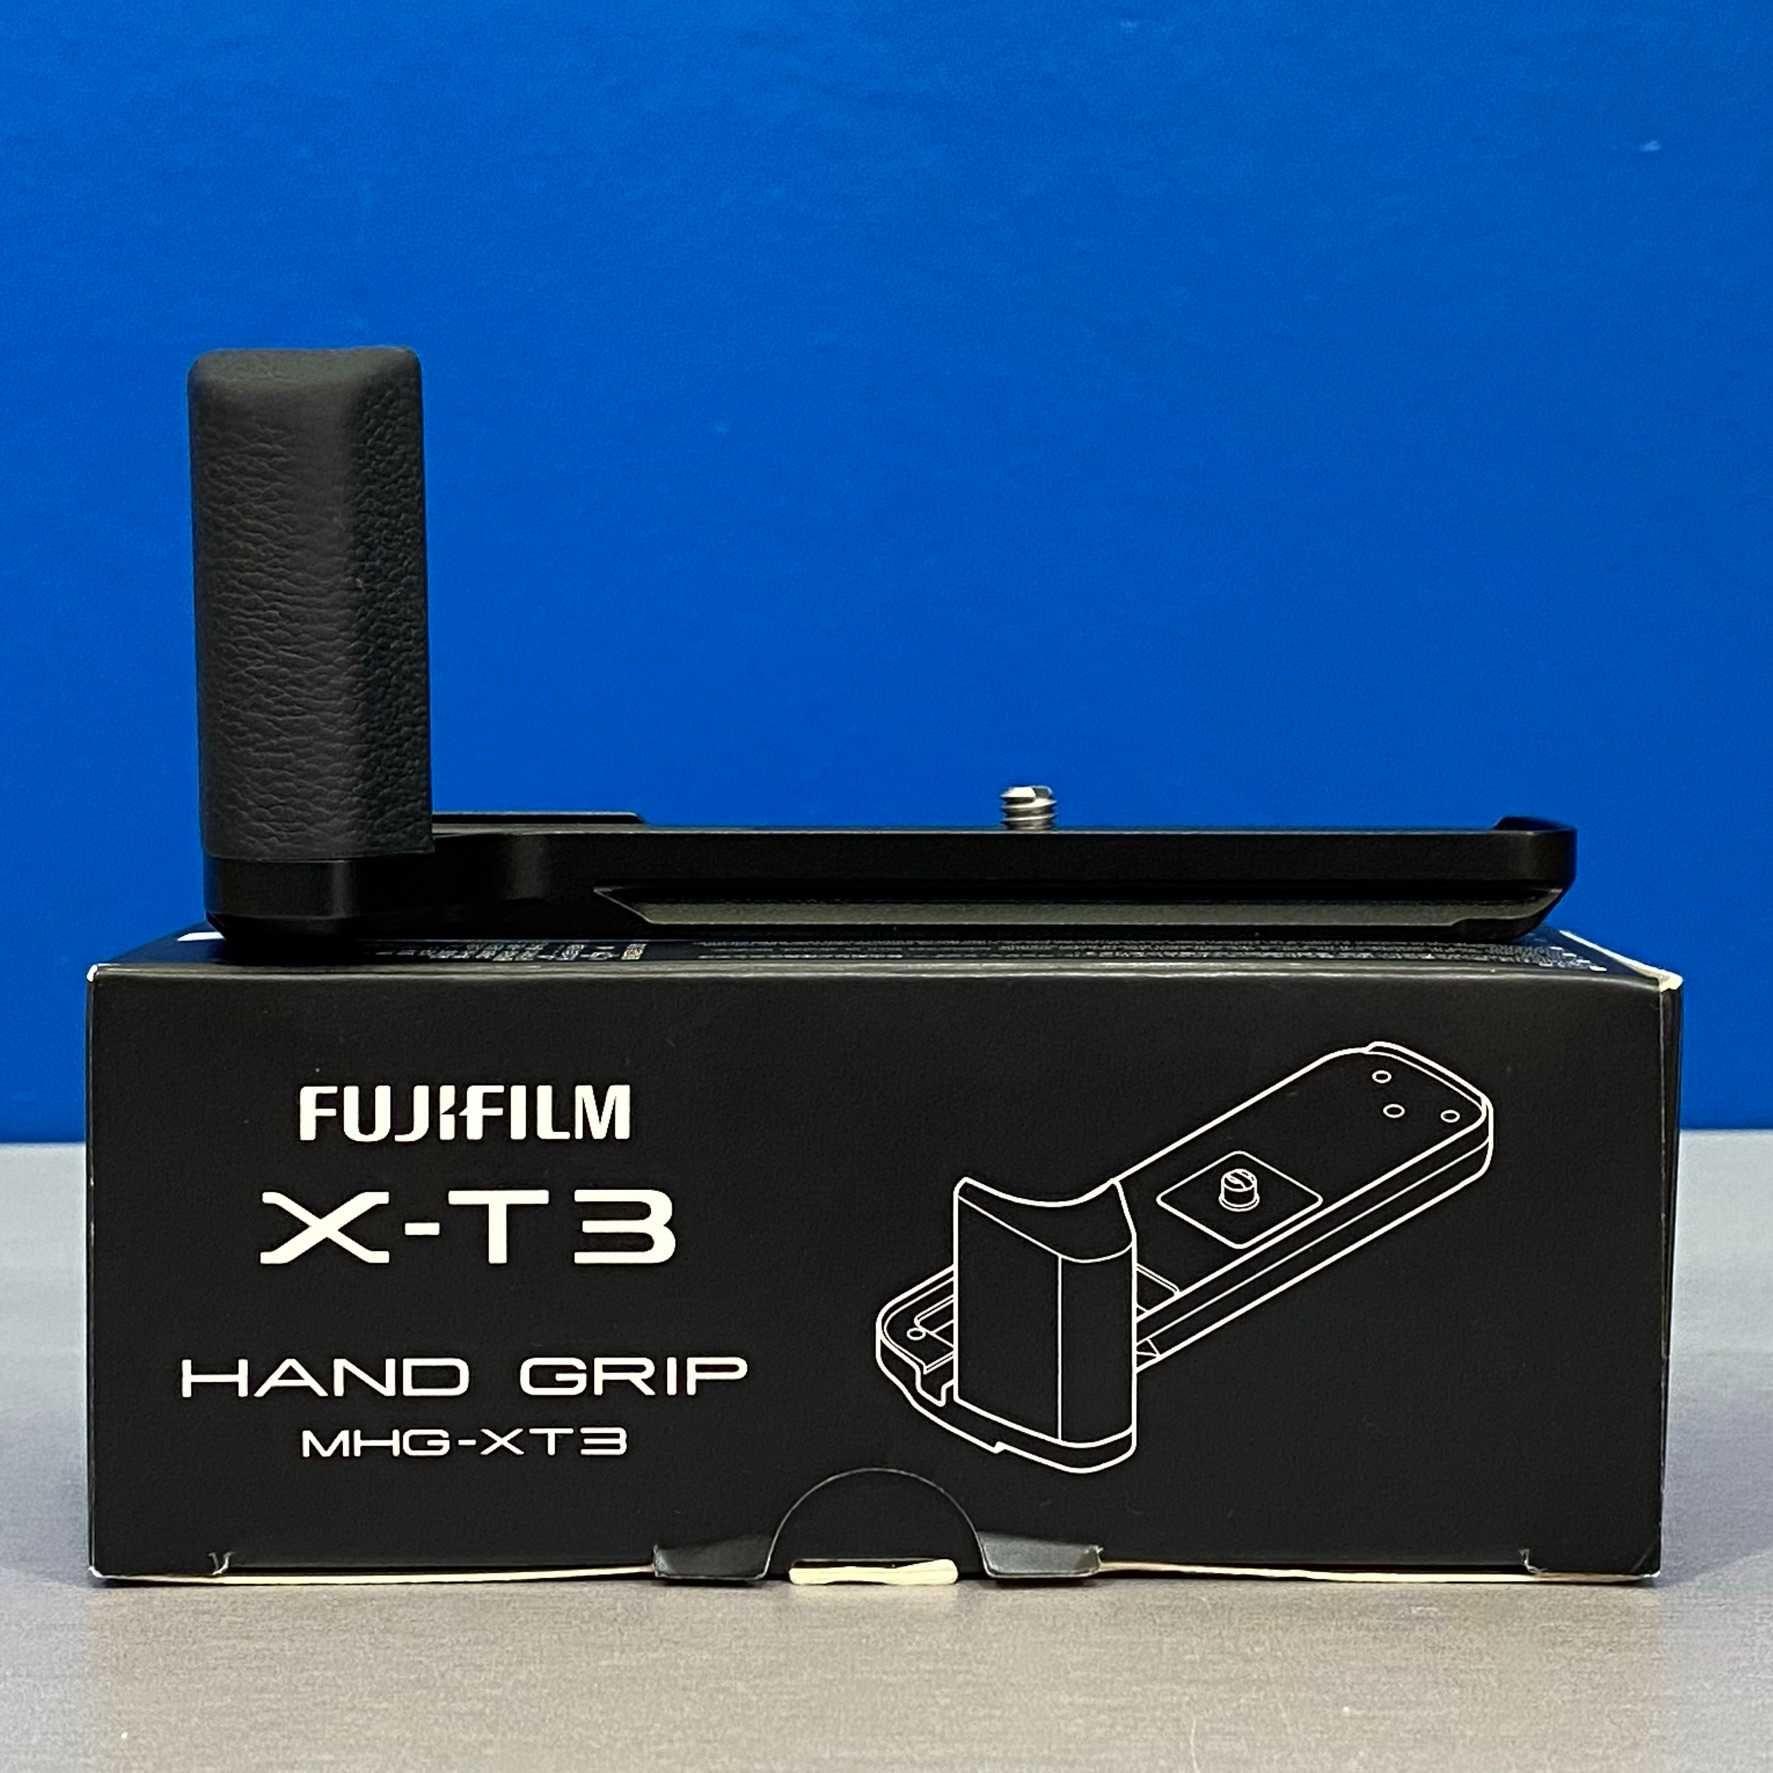 Hand Grip Fujifilm MHG-XT3 (X-T3/ X-T2)